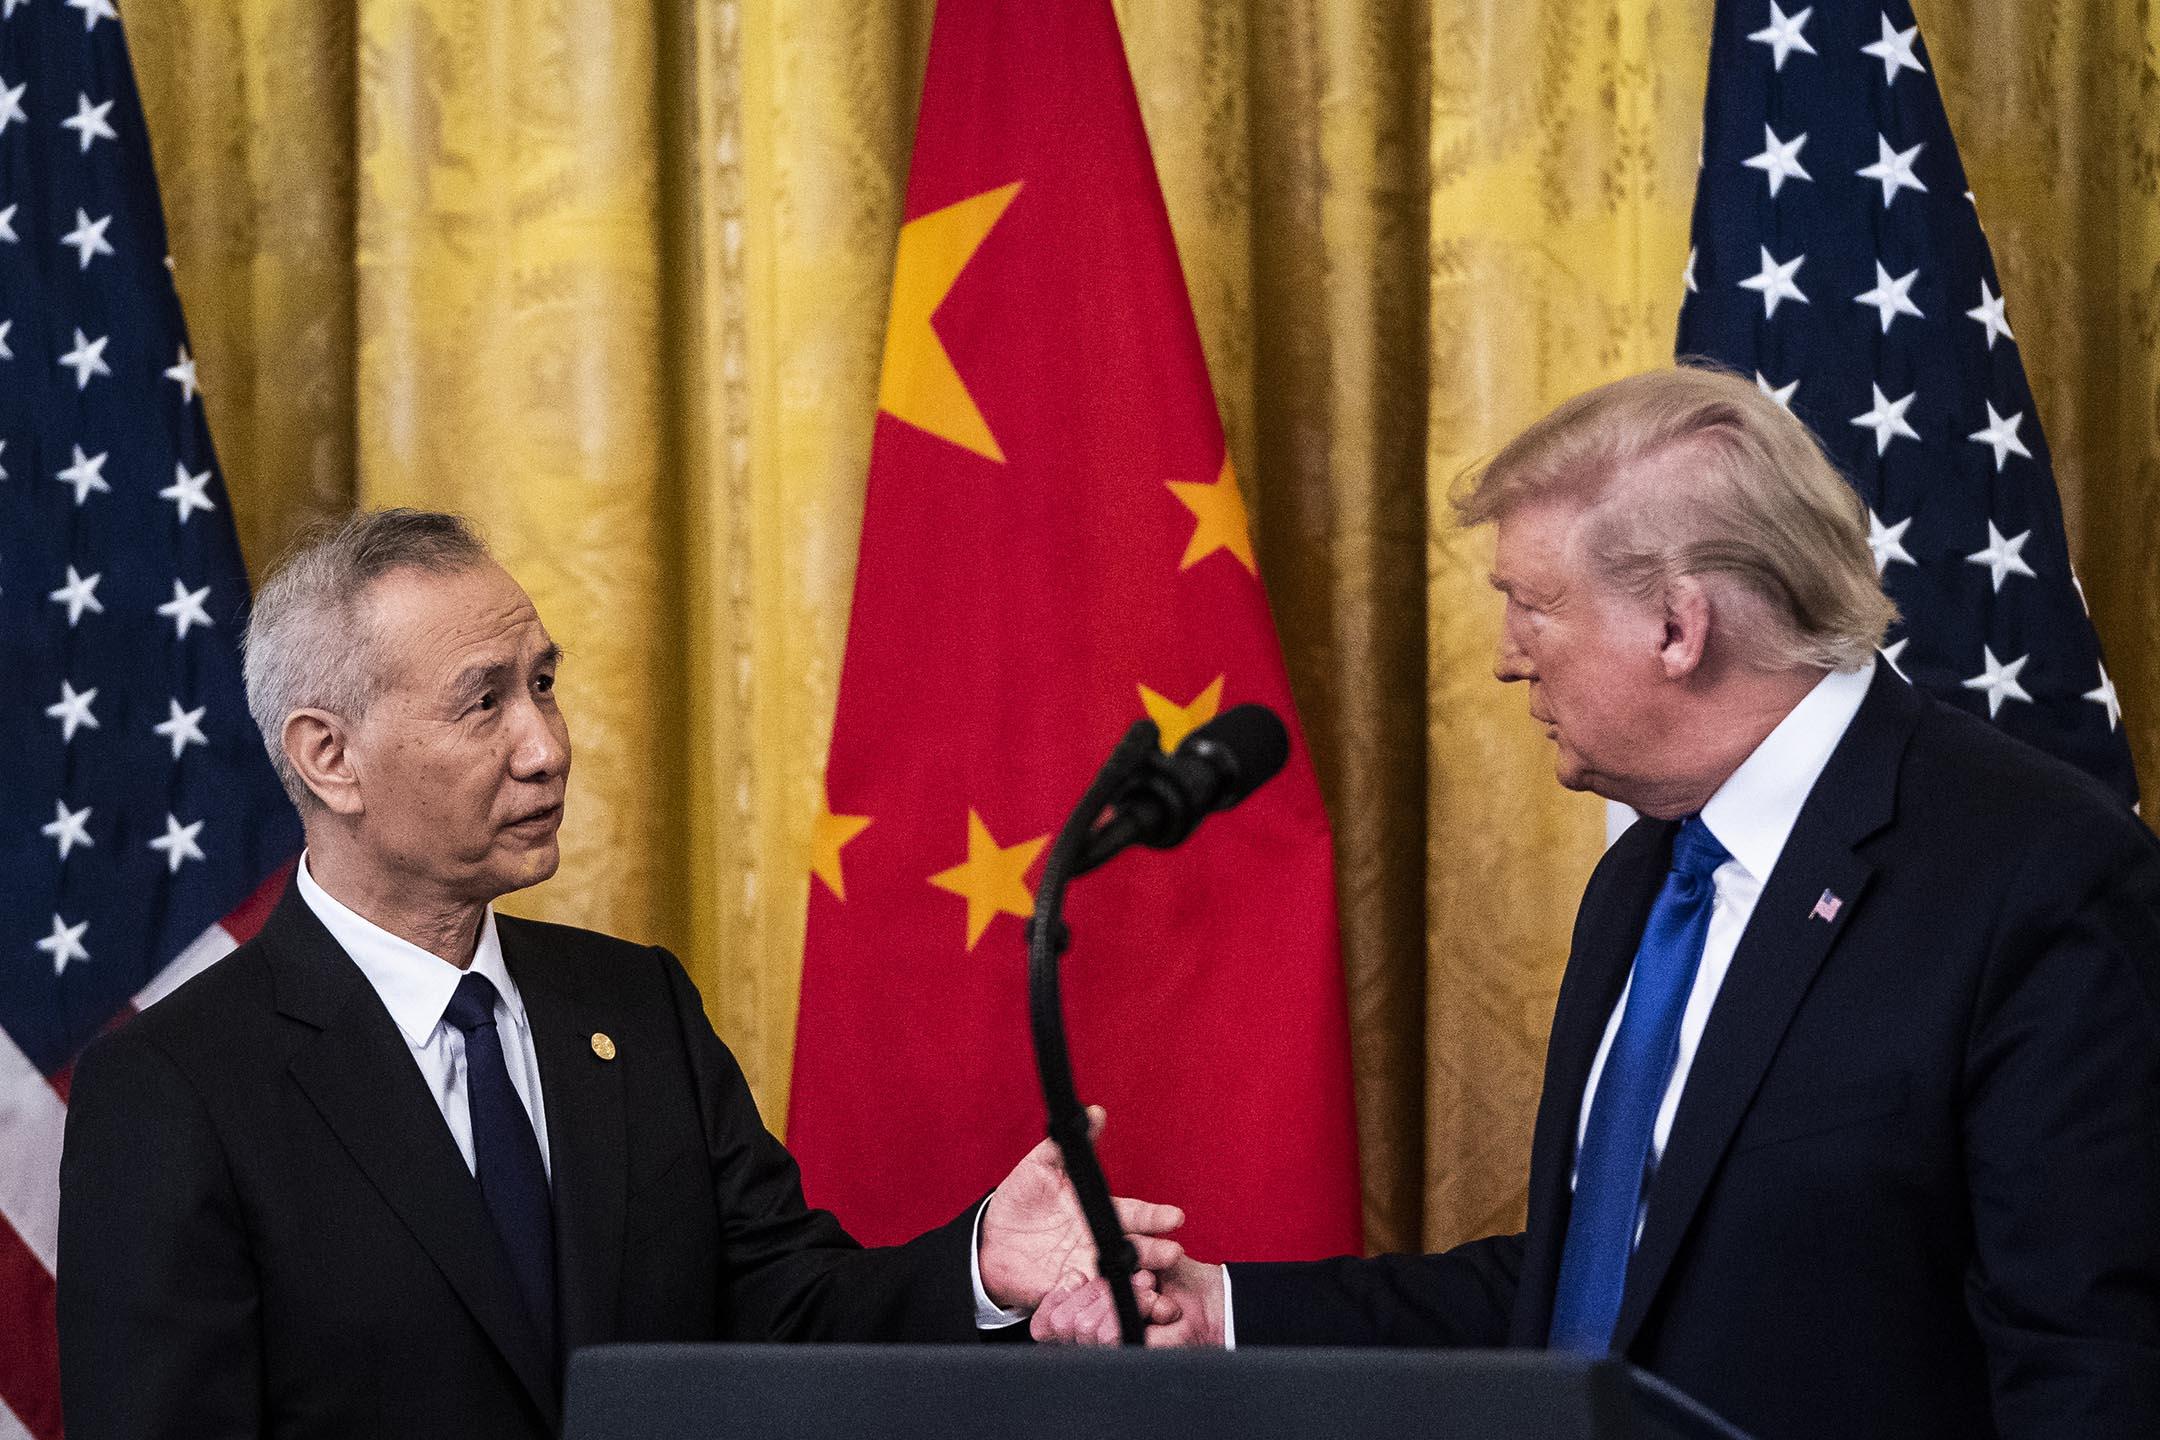 2020年1月15日華盛頓,特朗普總統在白宮與中華人民共和國副總理劉鶴簽署貿易協定前發表講話。 攝:Jabin Botsford/The Washington Post via Getty Images